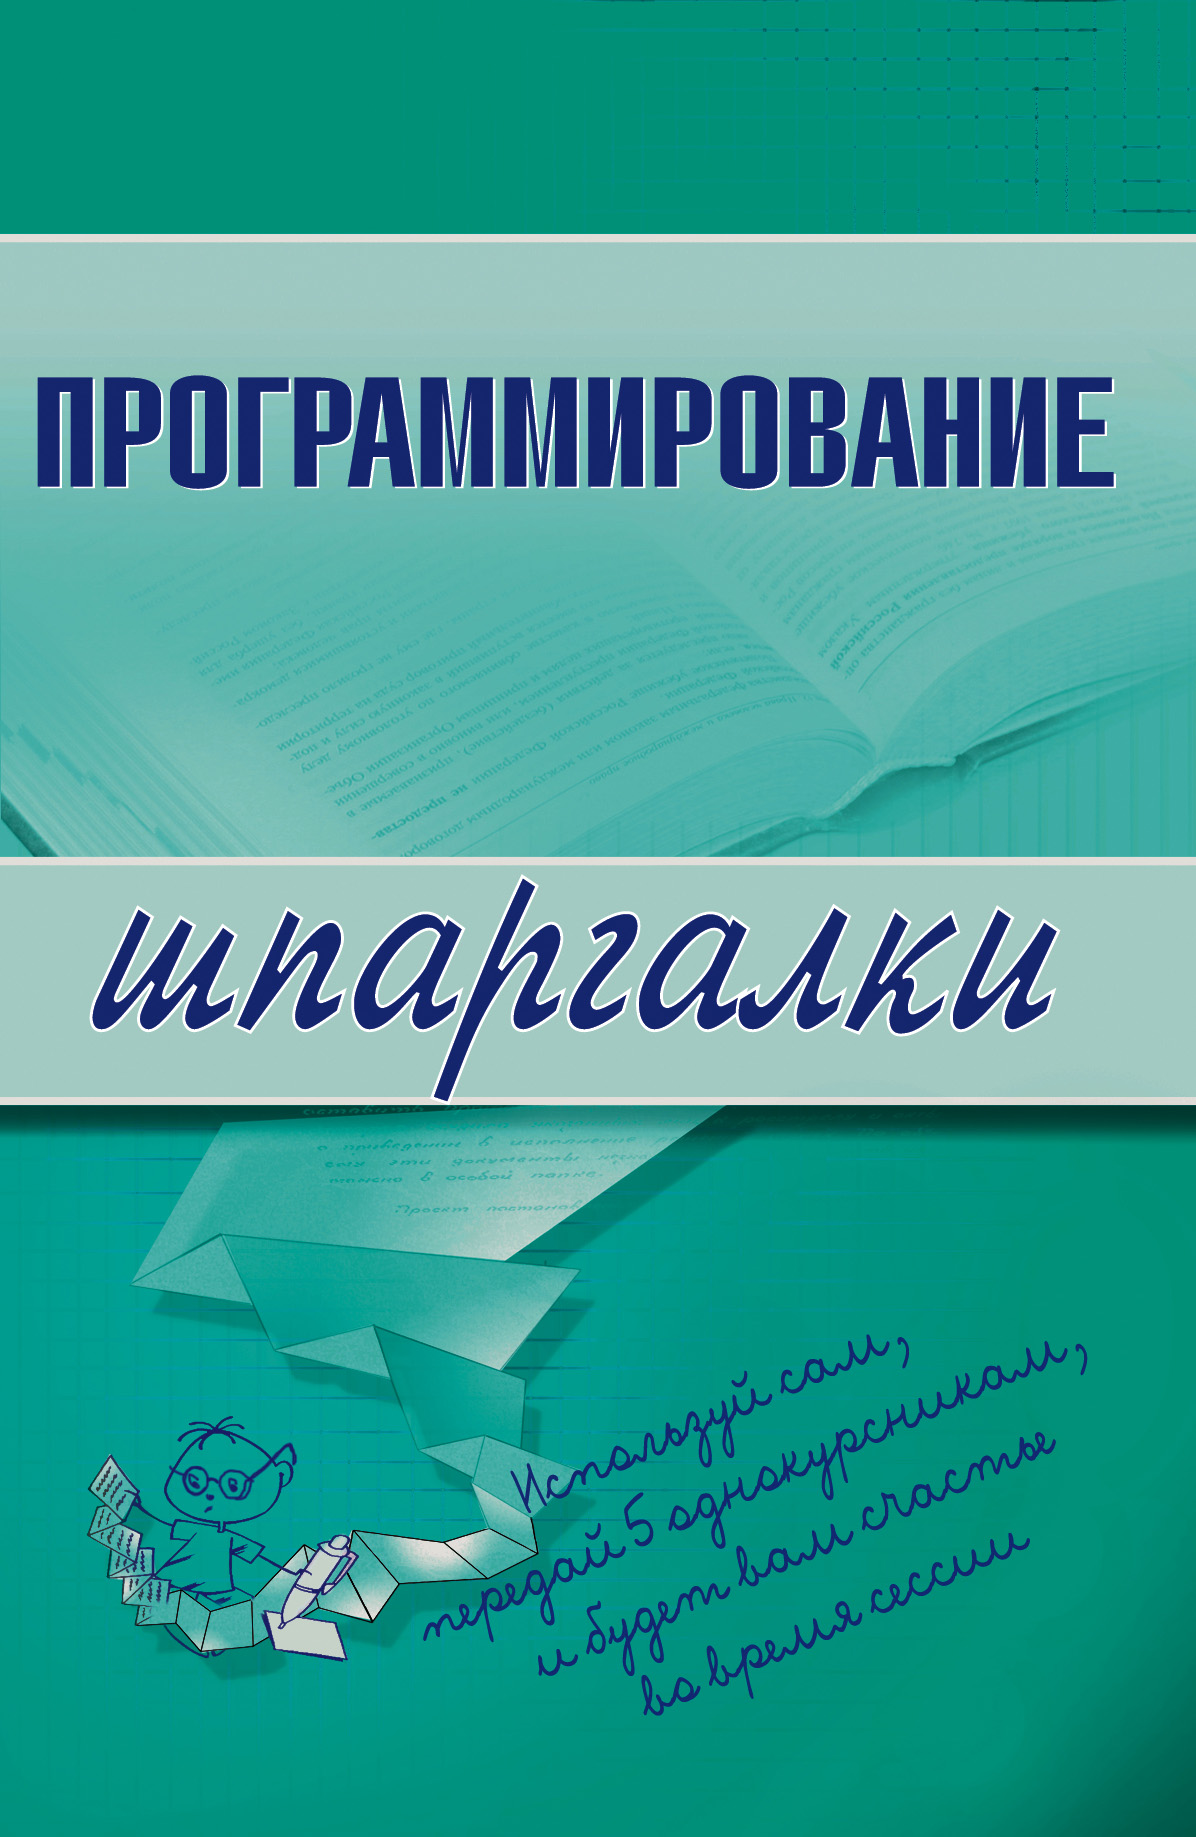 Ирина Козлова «Программирование»